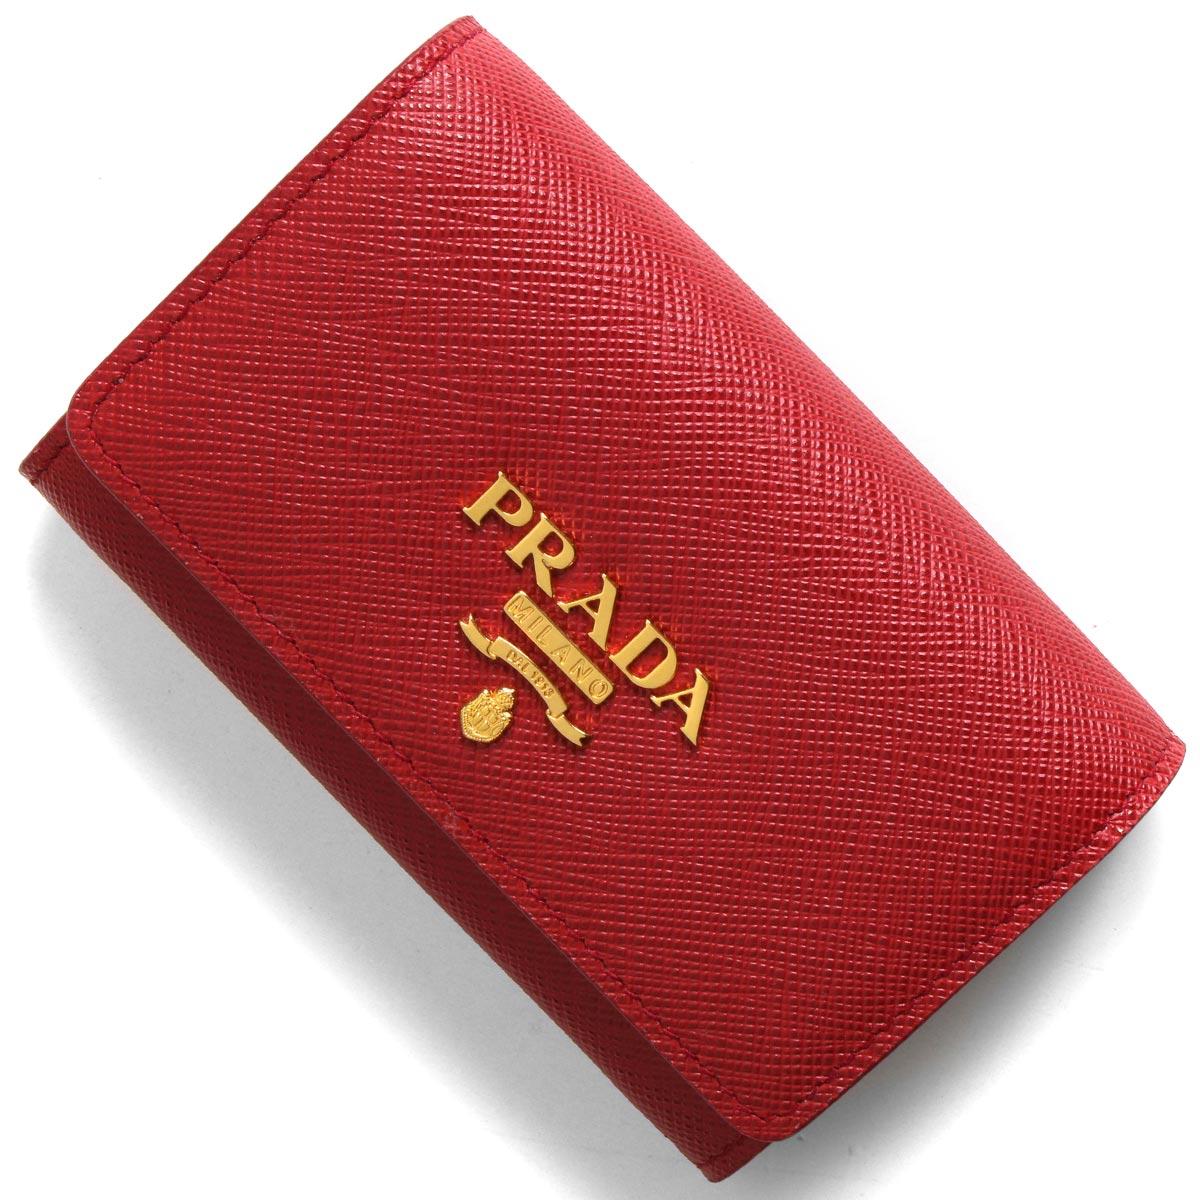 プラダ カードケース/名刺入れ/コインケース レディース サフィアーノ メタル フォーコレッド 1MH027 QWA F068Z PRADA